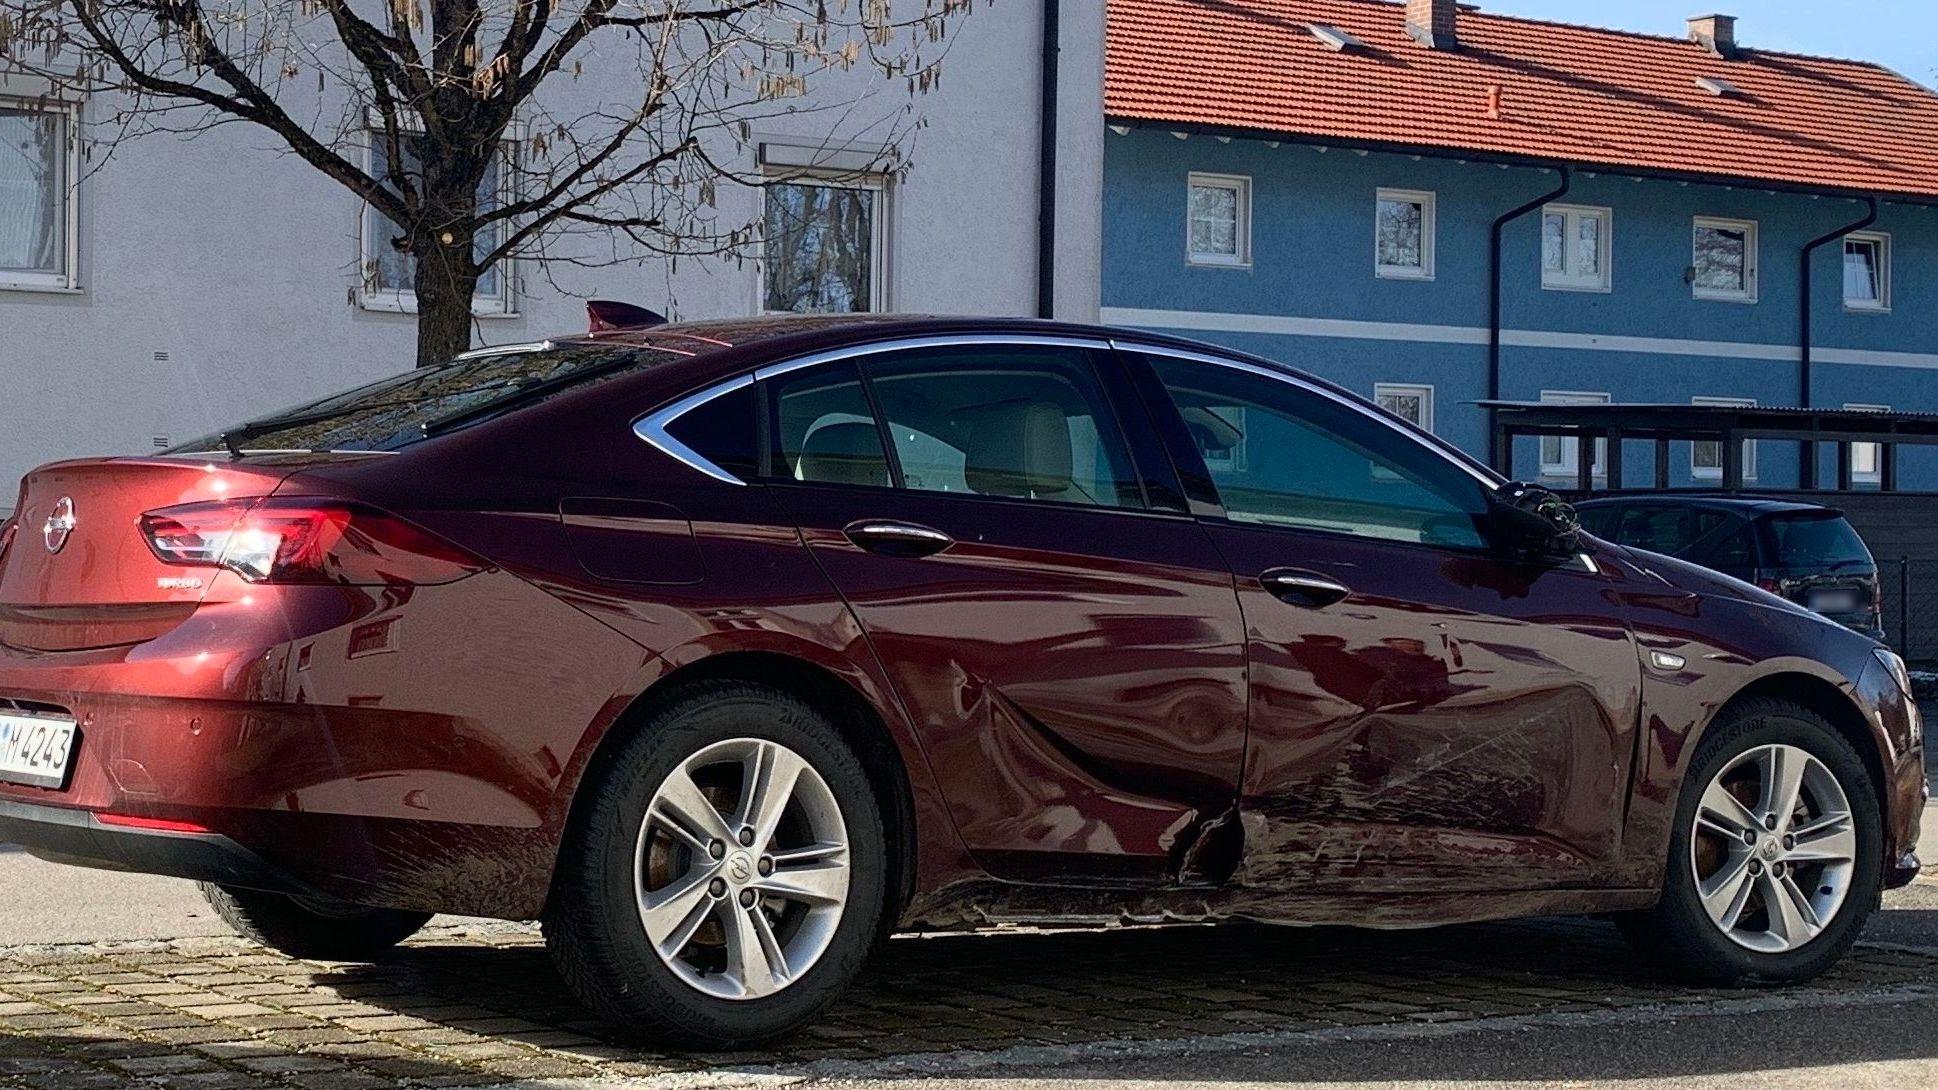 beschädigter Opel von vermisster Manuela Kramer